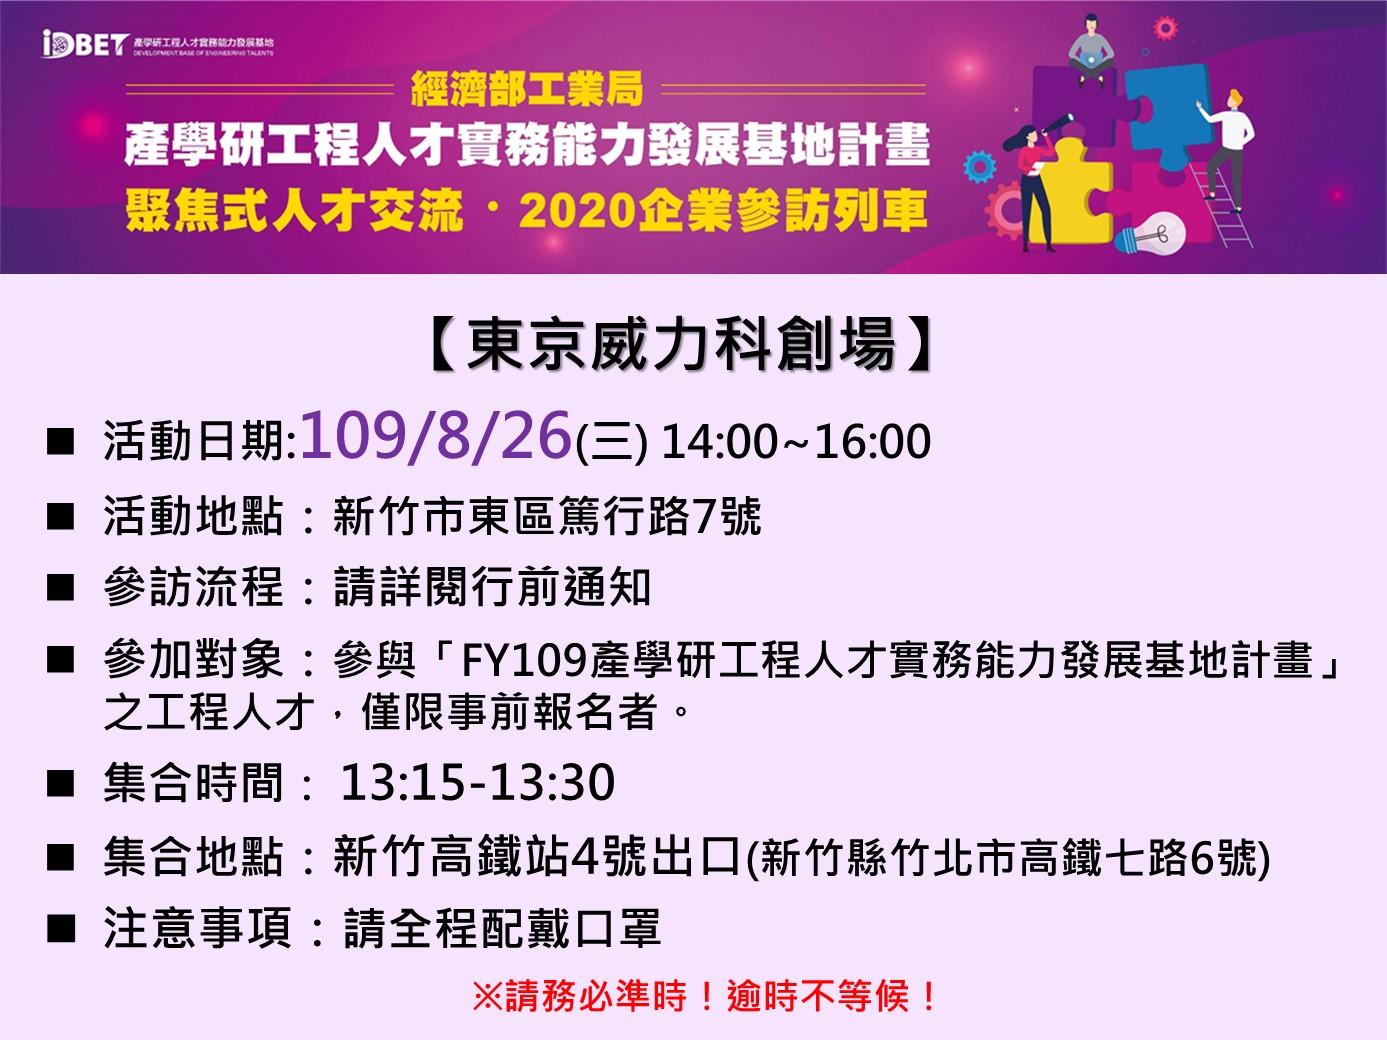 109/8/26 聚焦式人才交流 2020企業參訪列車-東京威力科創場